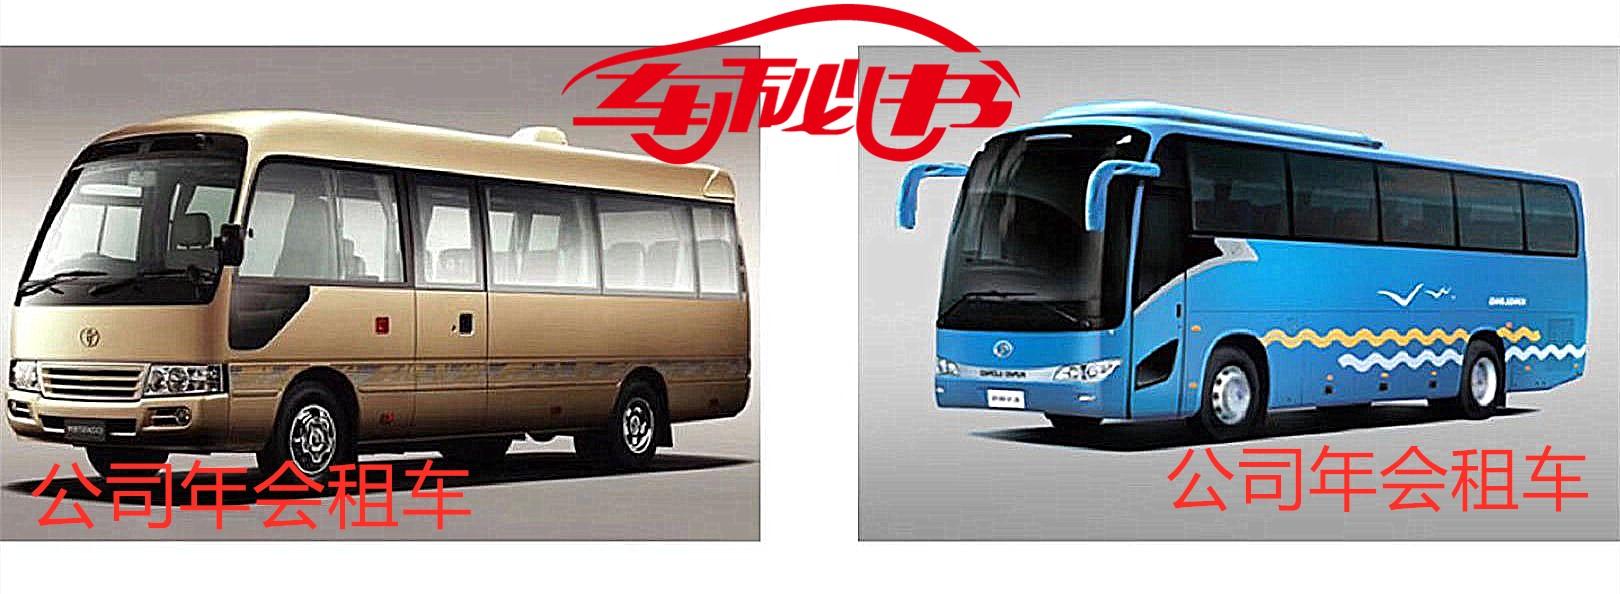 公司年会租车19-35人以内选择什么车比较好?